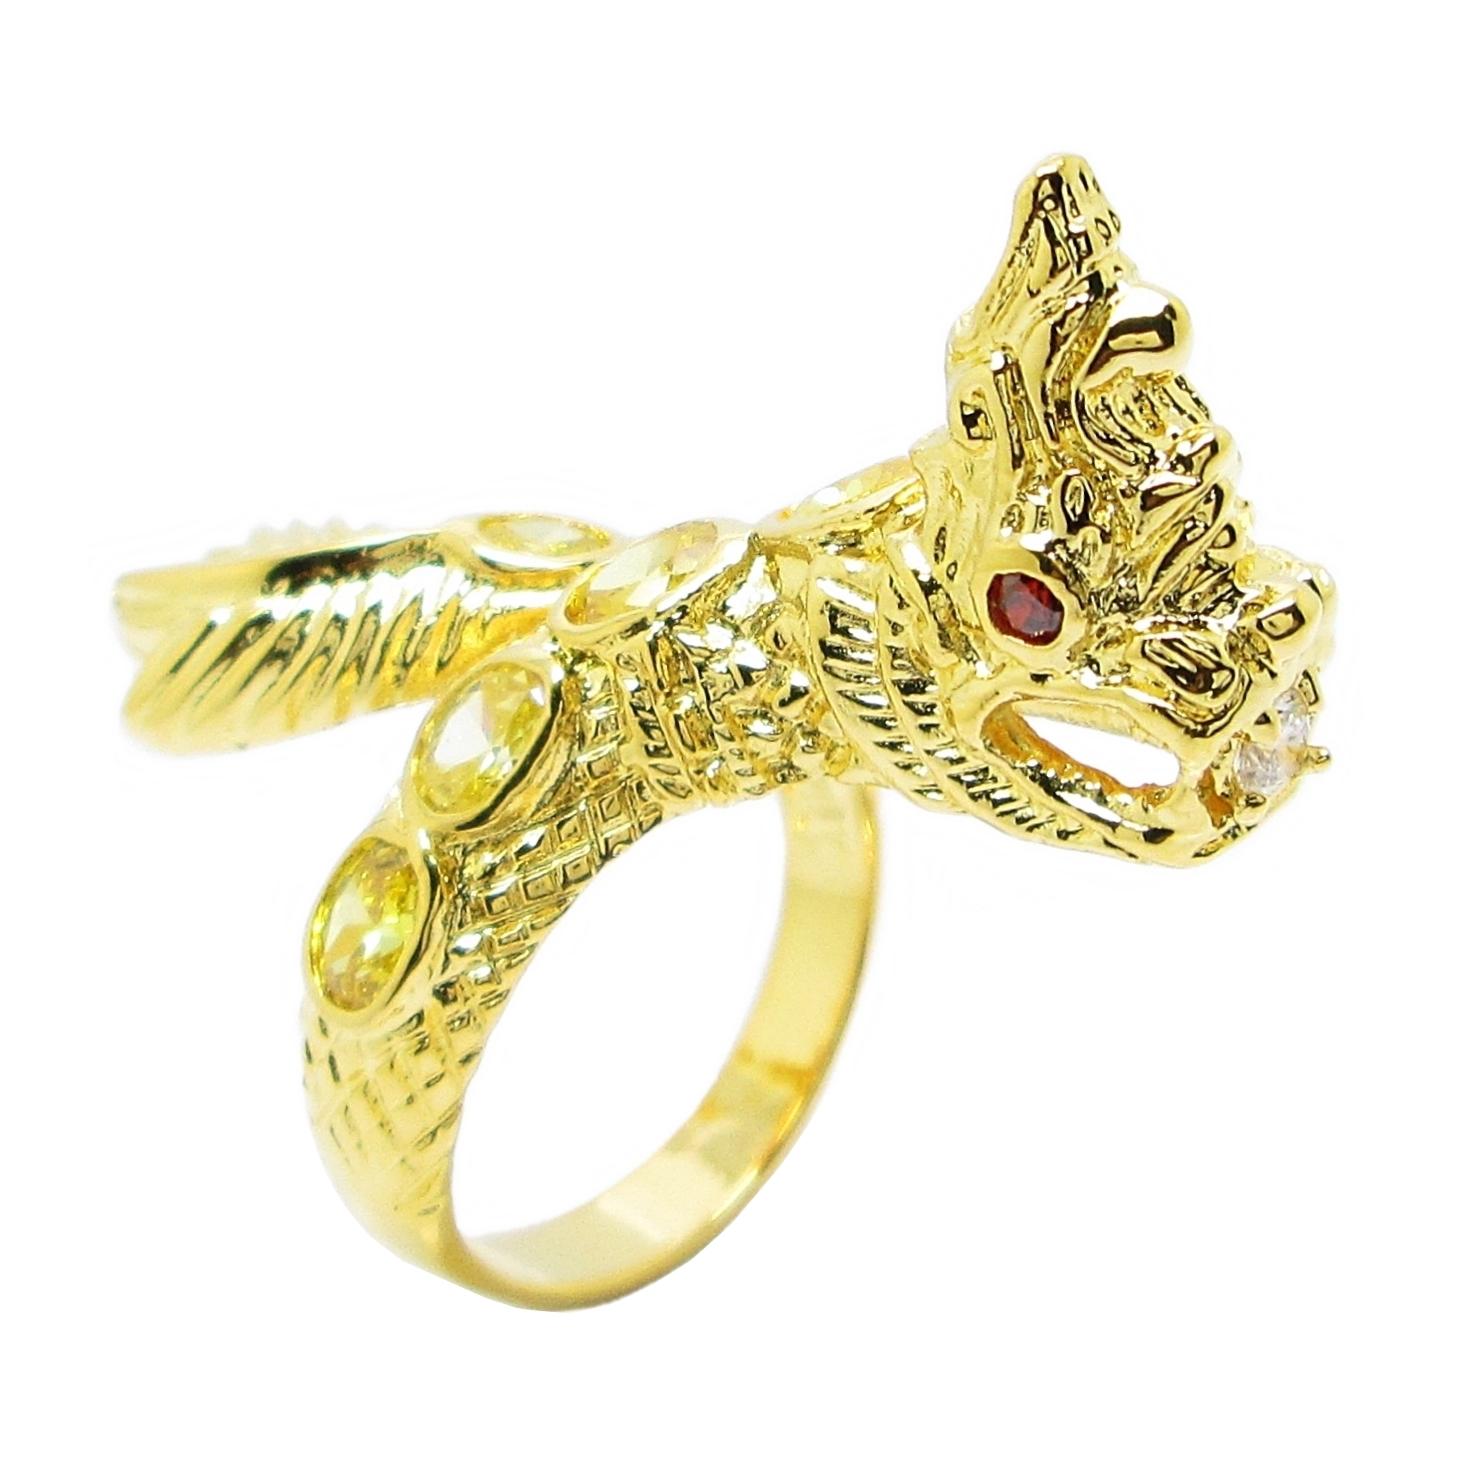 แหวนฟรีไซส์พญานาคประดับพลอยบุศราคัมชุบทอง